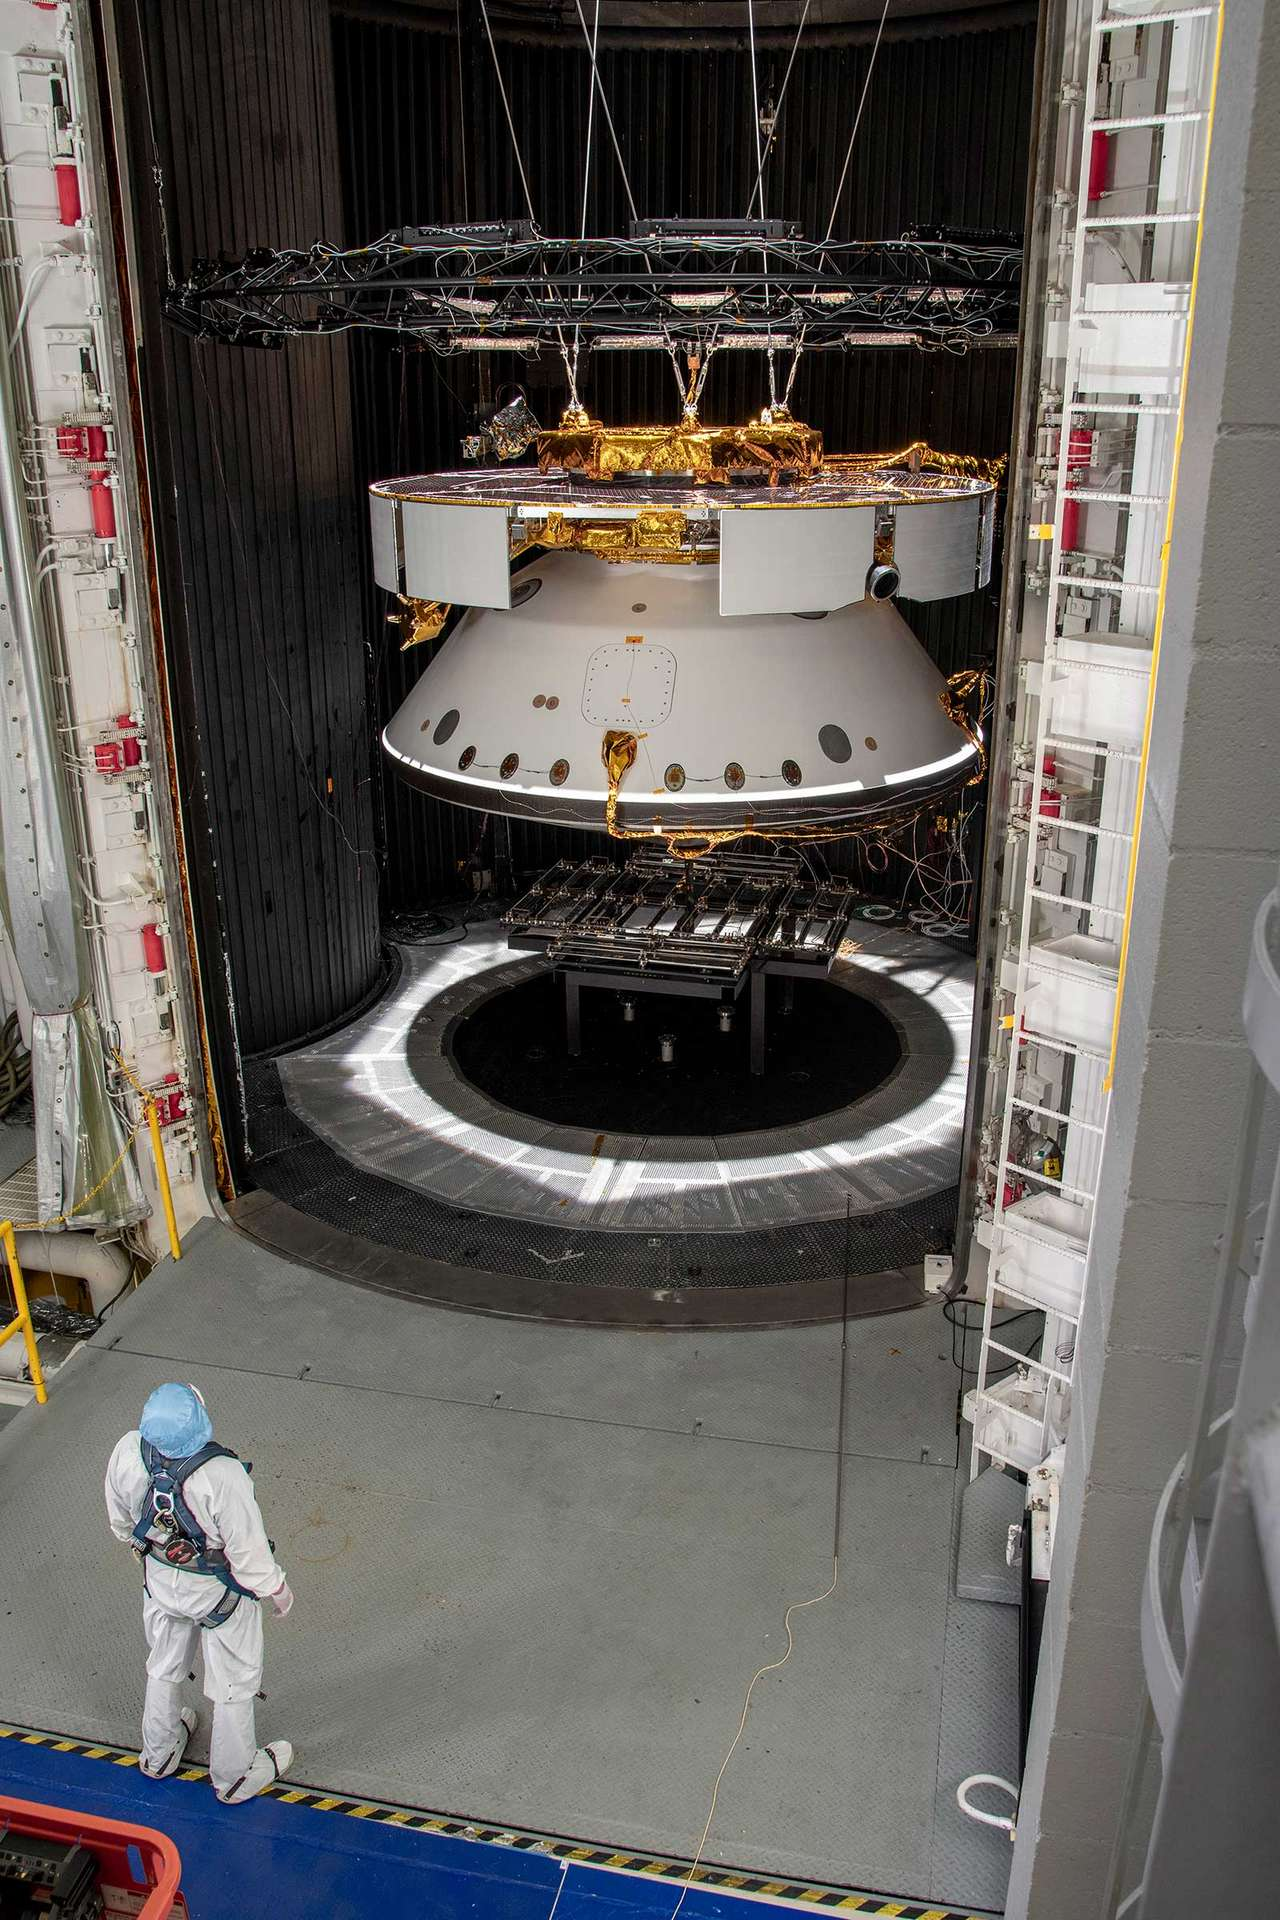 Un ingénieur du Jet Propulsion Laboratory (JPL) inspecte la sonde spatiale de la mission Mars 2020 qui patiente ici dans une chambre de simulation spatiale le 9 mai 2019, en attendant d'y être testée. © NASA JPL/CalTech.